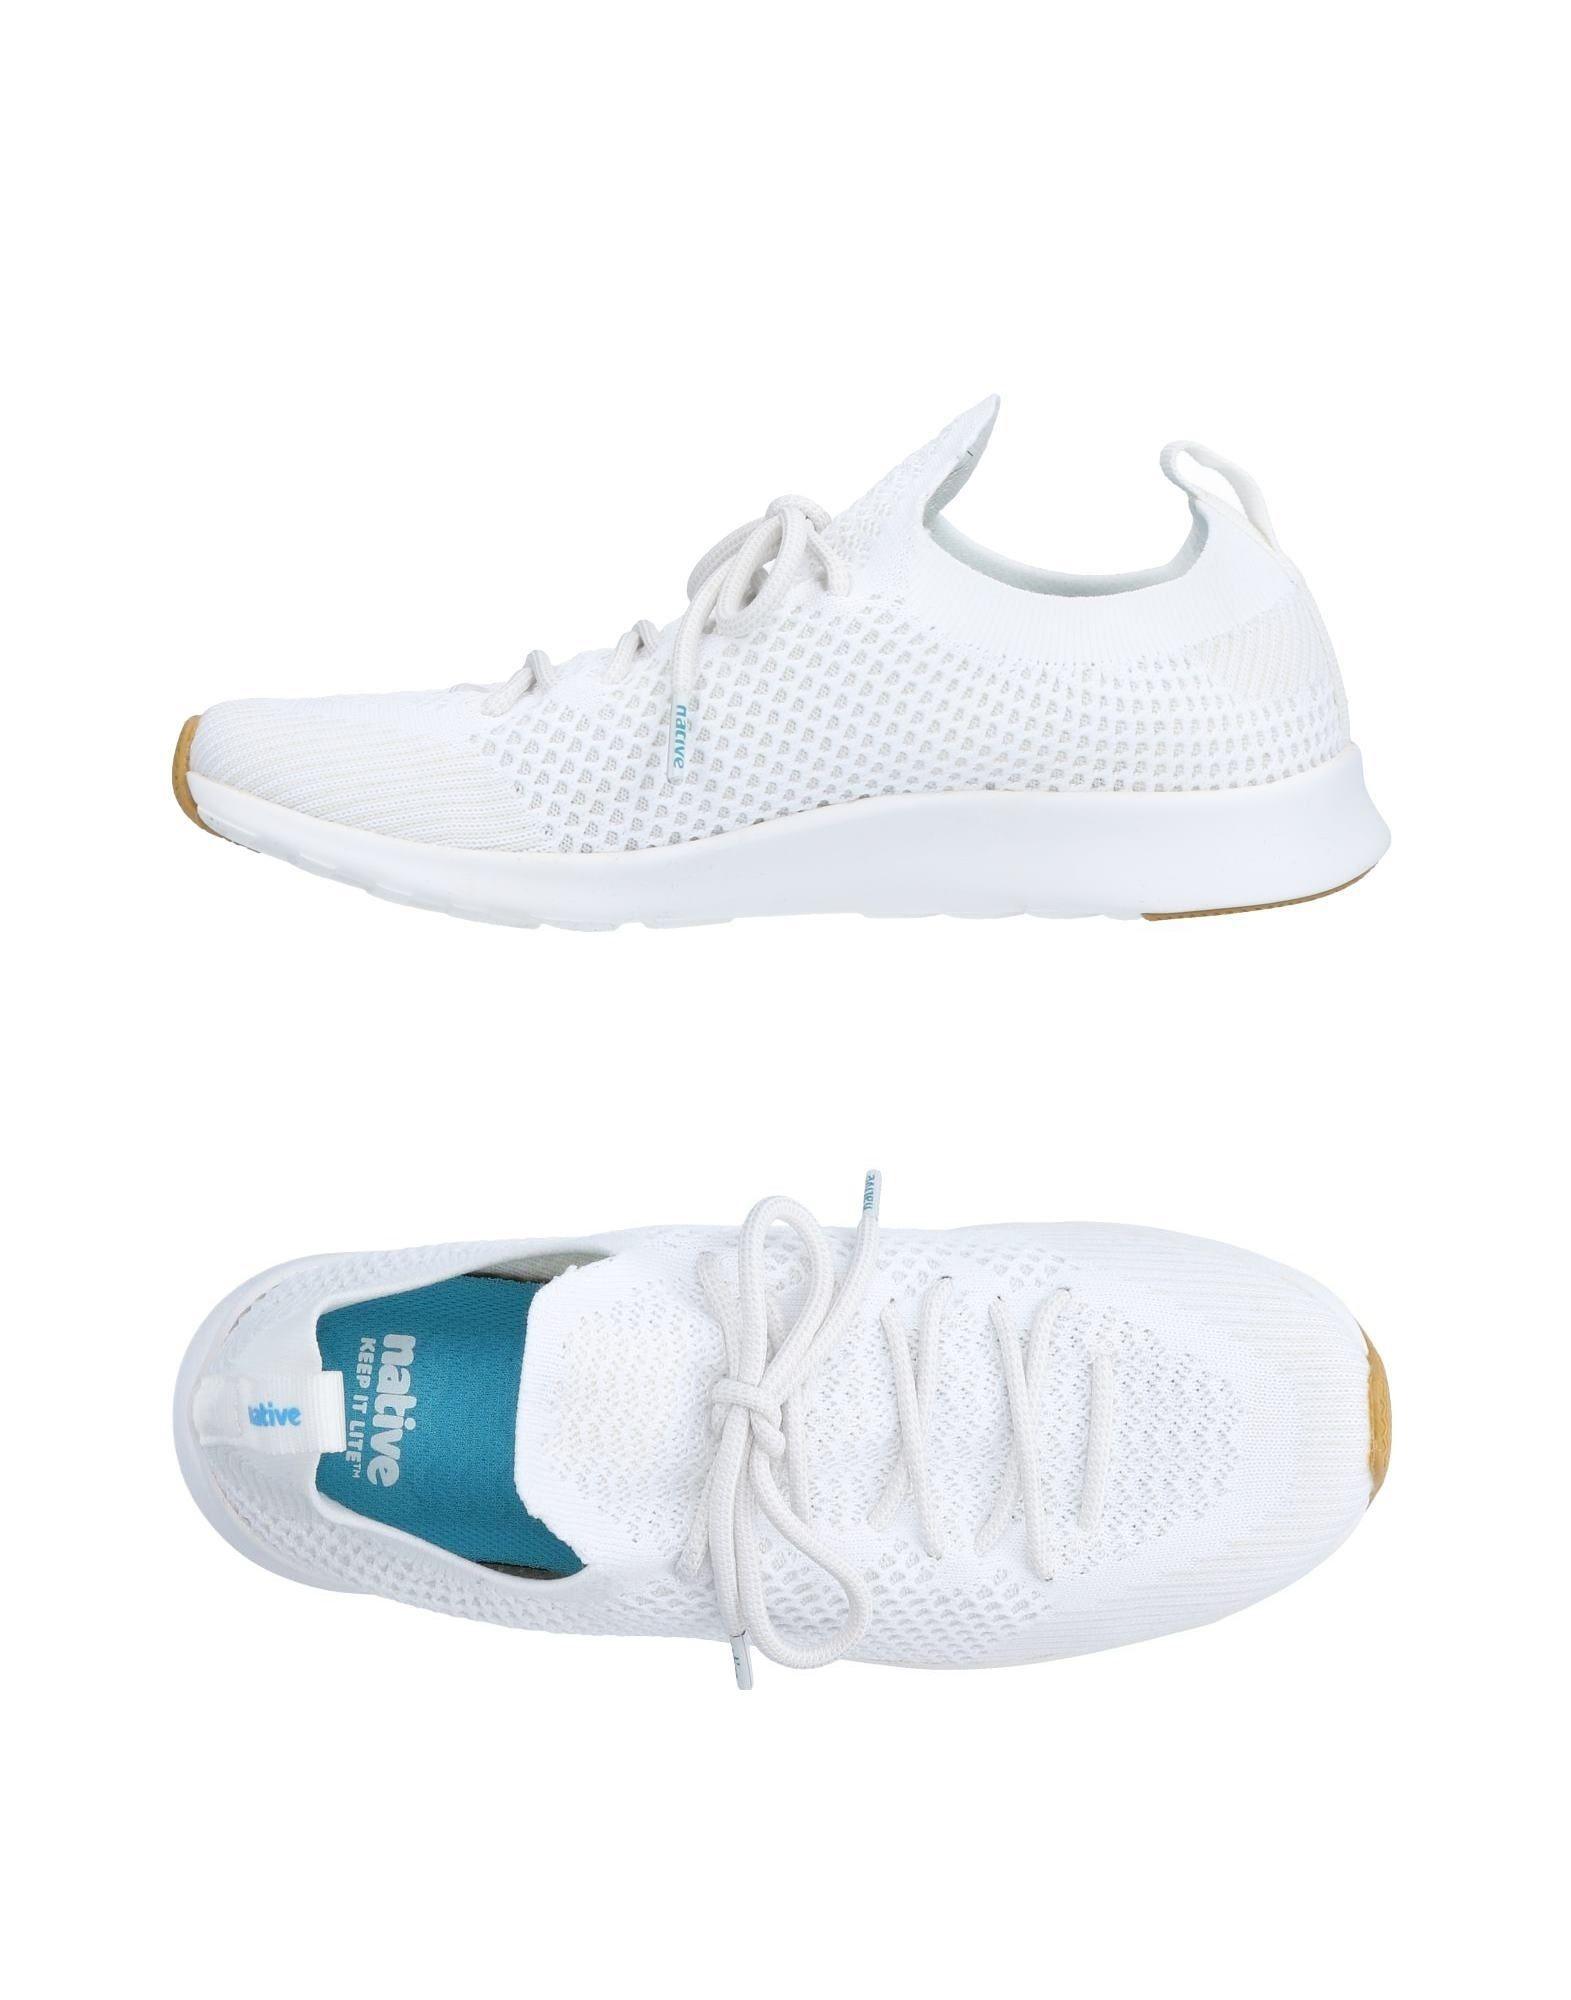 NATIVE Sneakers in White